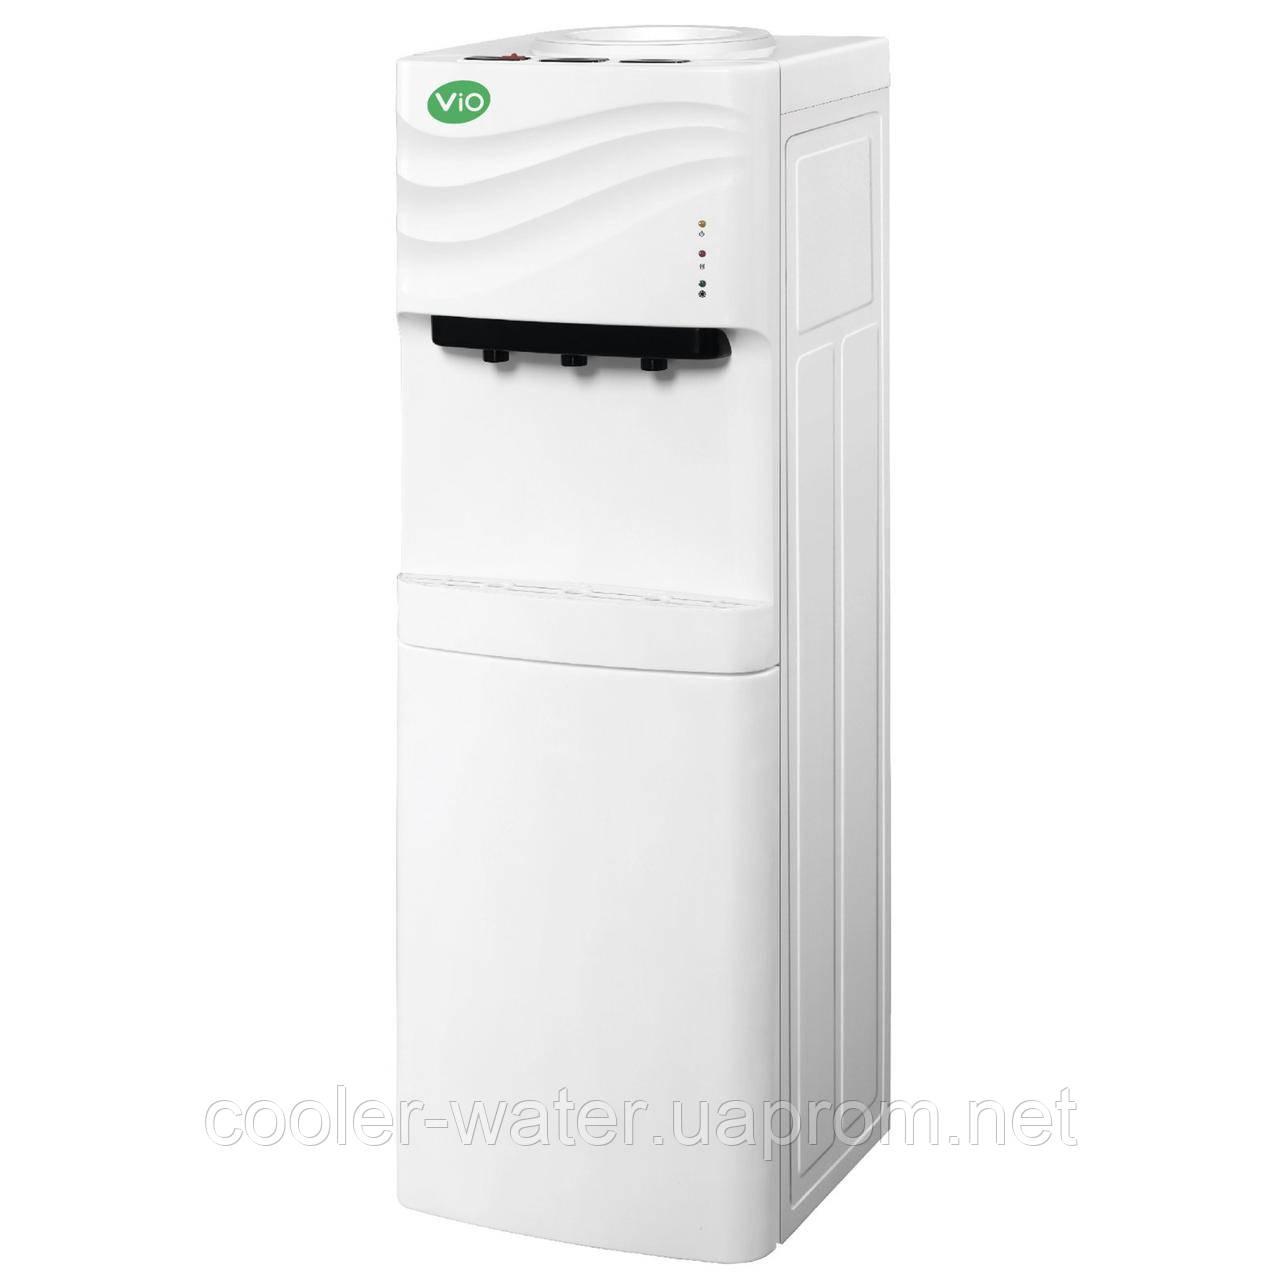 Кулер для води з холодильником ViO X-903 FCF White